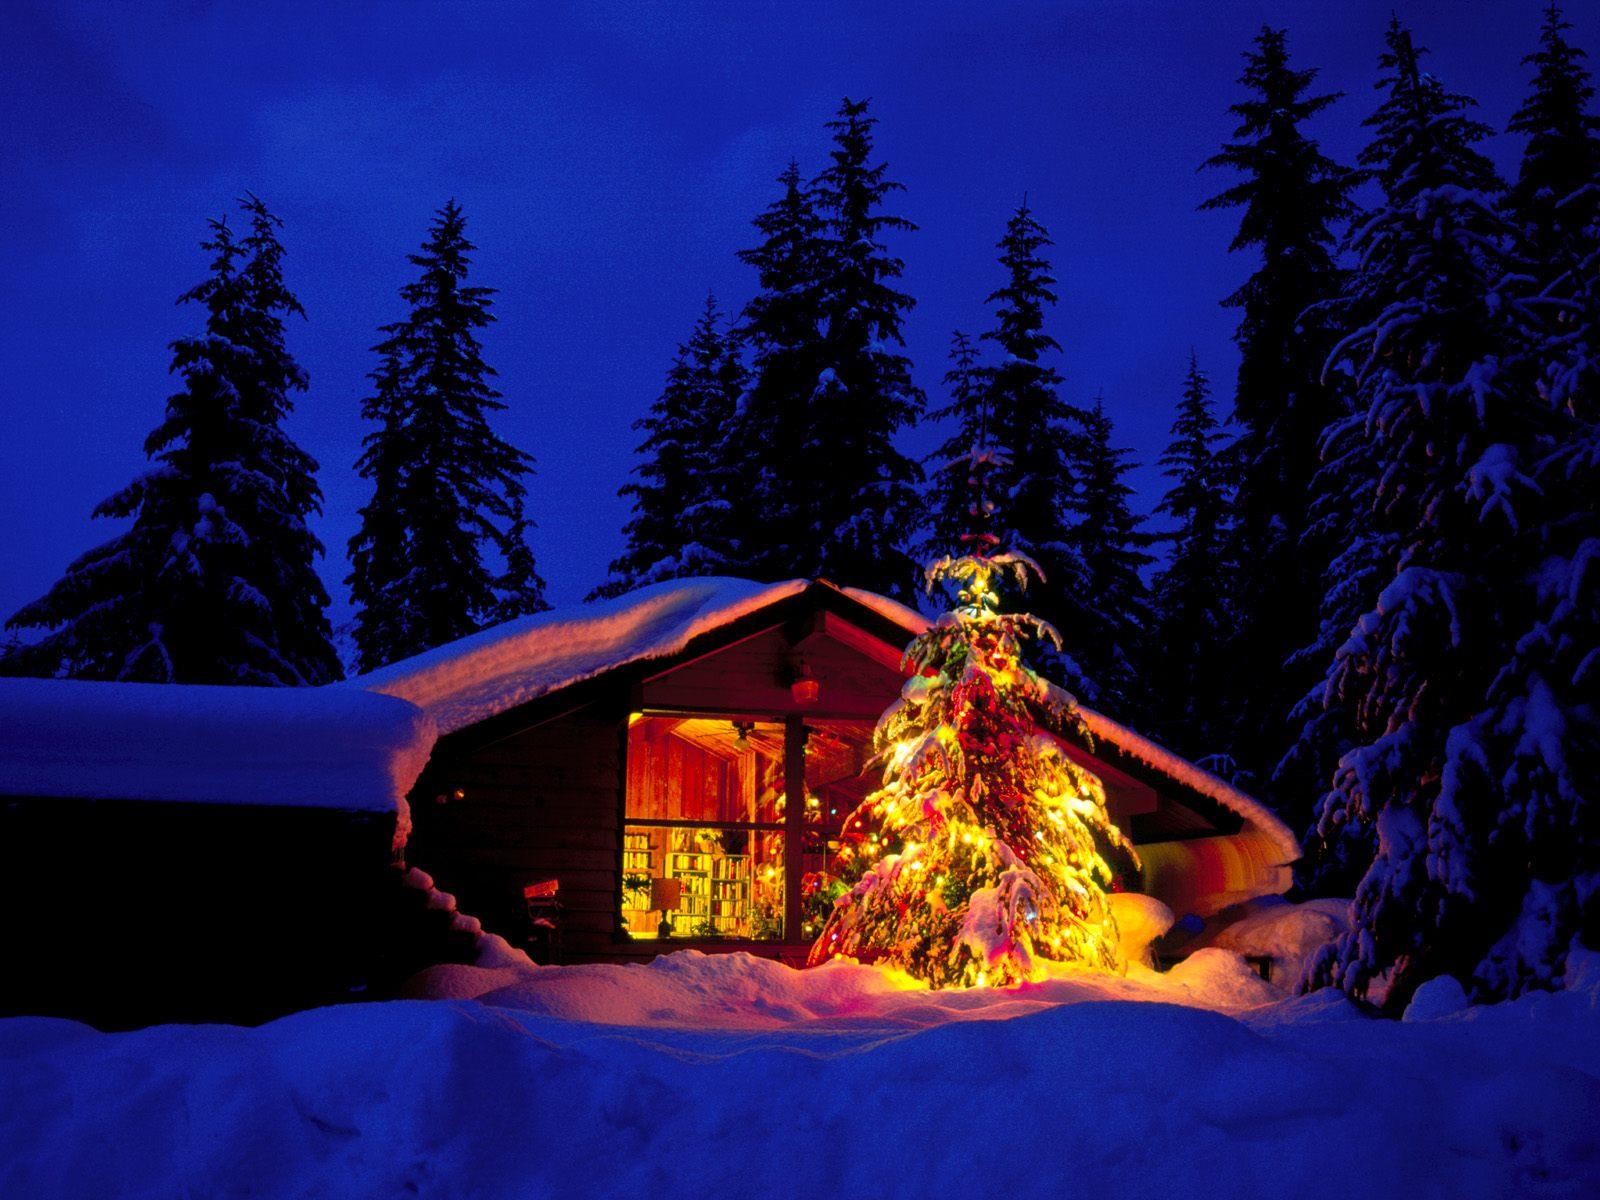 free christmas wallpapers,christmas wallpapers,merry christmas